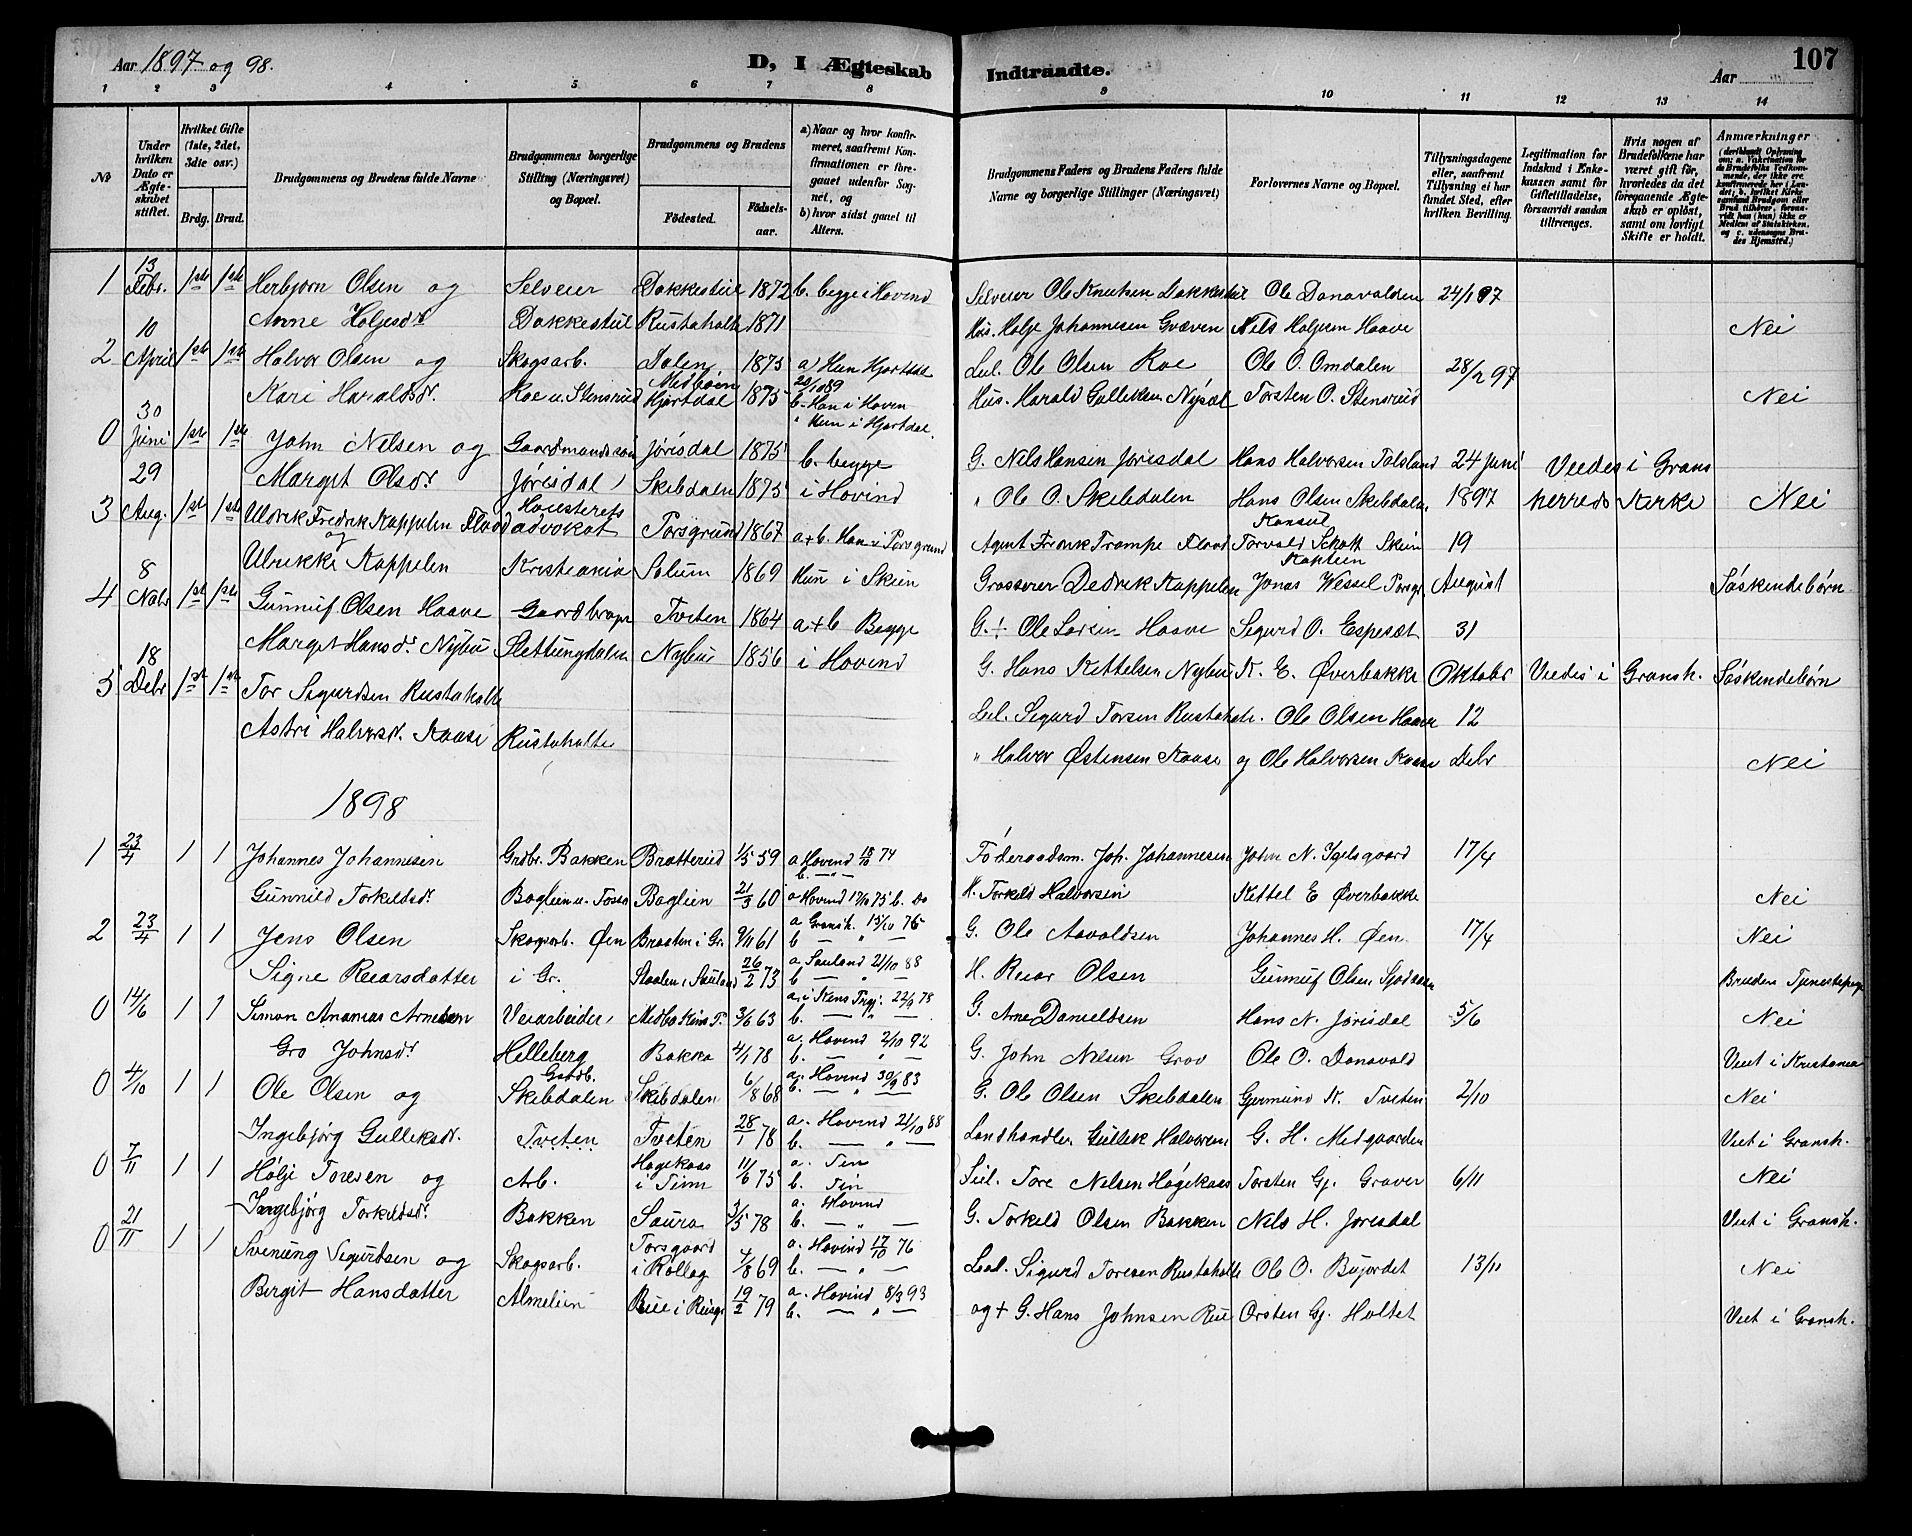 SAKO, Gransherad kirkebøker, G/Gb/L0003: Klokkerbok nr. II 3, 1887-1921, s. 107